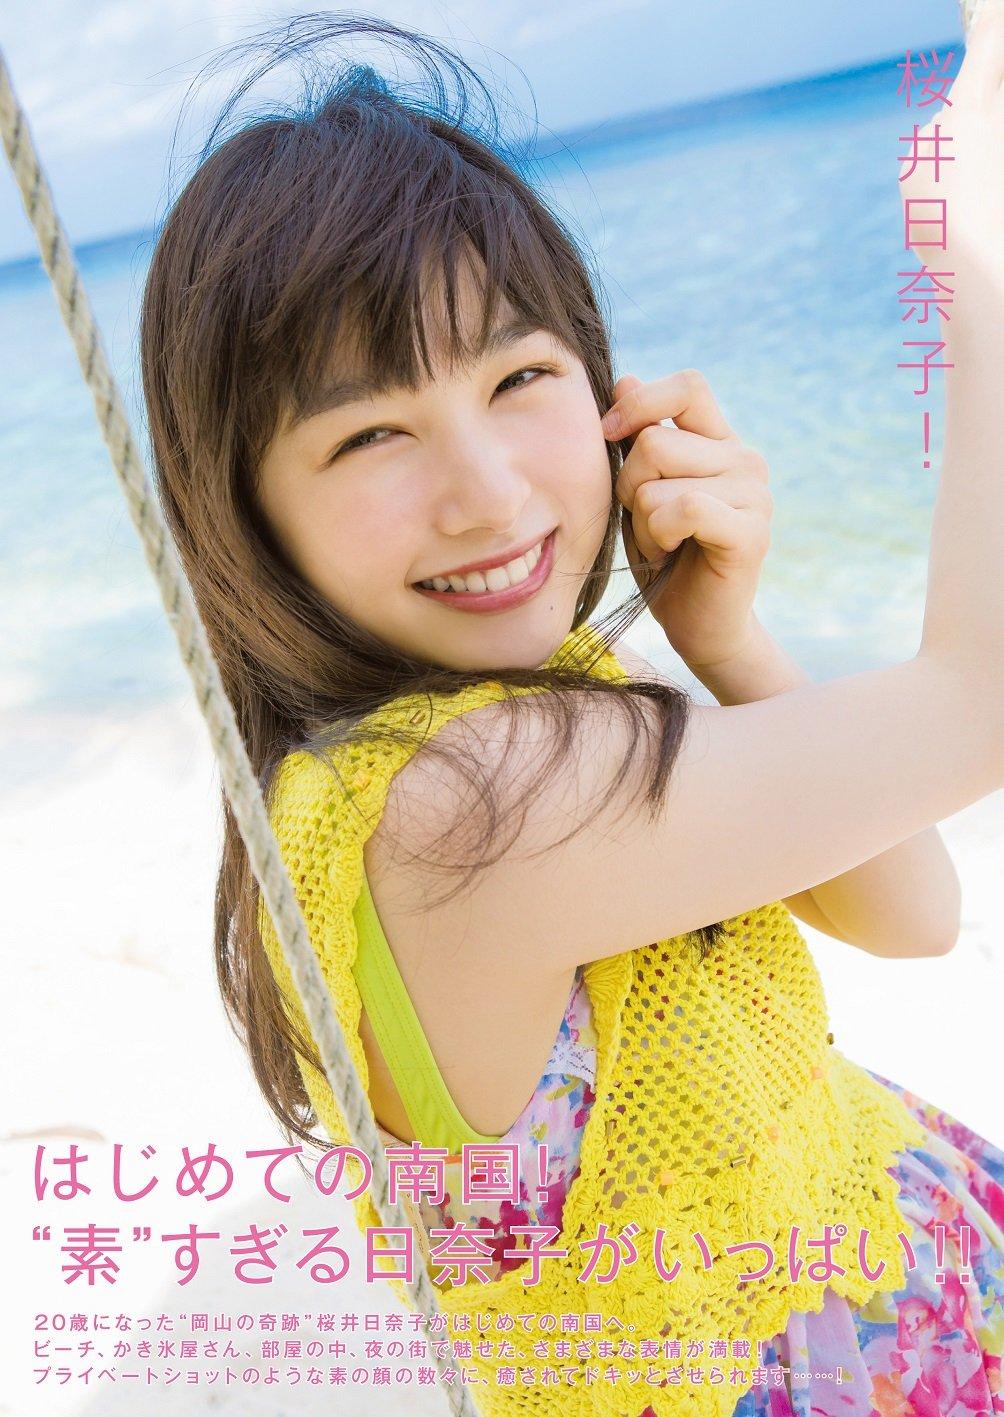 桜井日奈子 写真集のニュース(芸能総合・40件) - エキサイトニュース